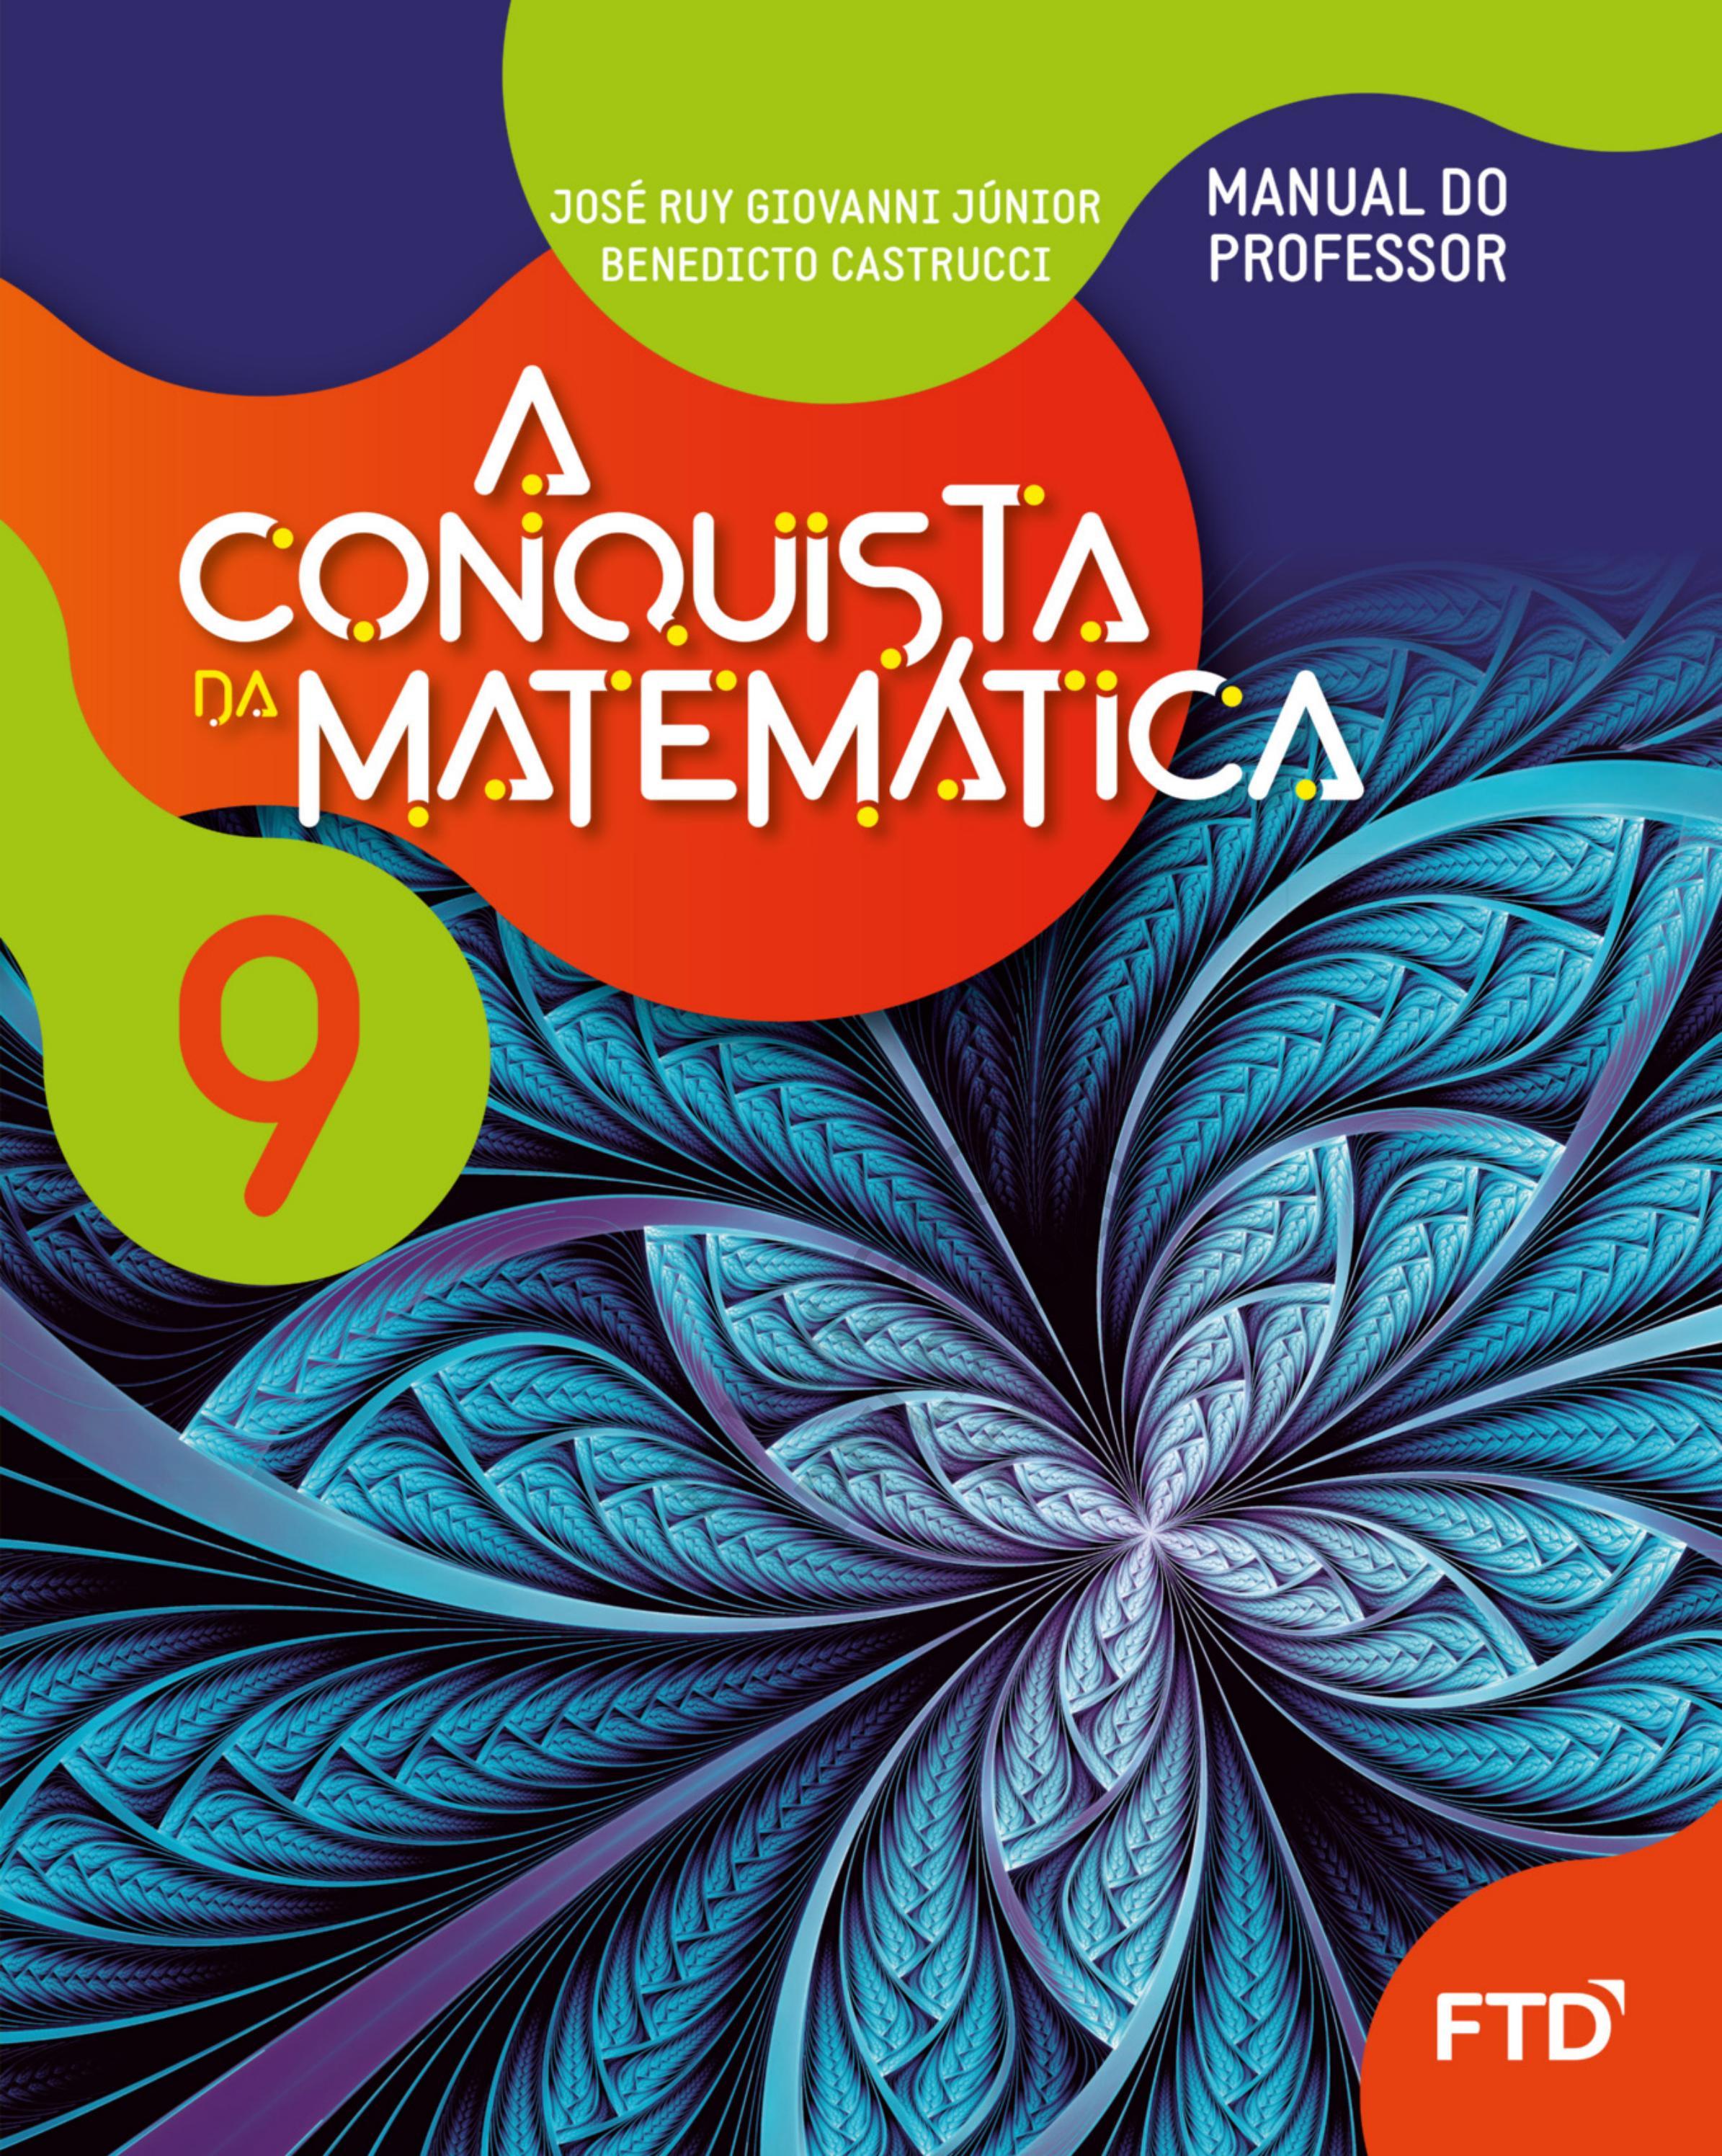 Matematica Conquista 9 By Editora Ftd Issuu